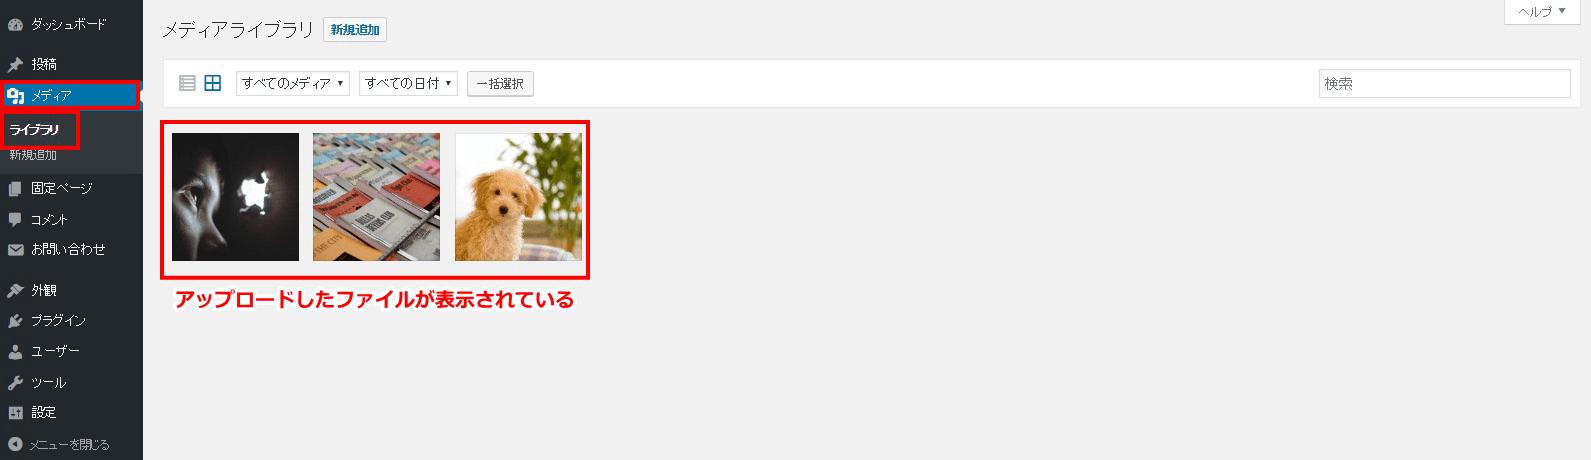 アップロードしたファイルが表示されている